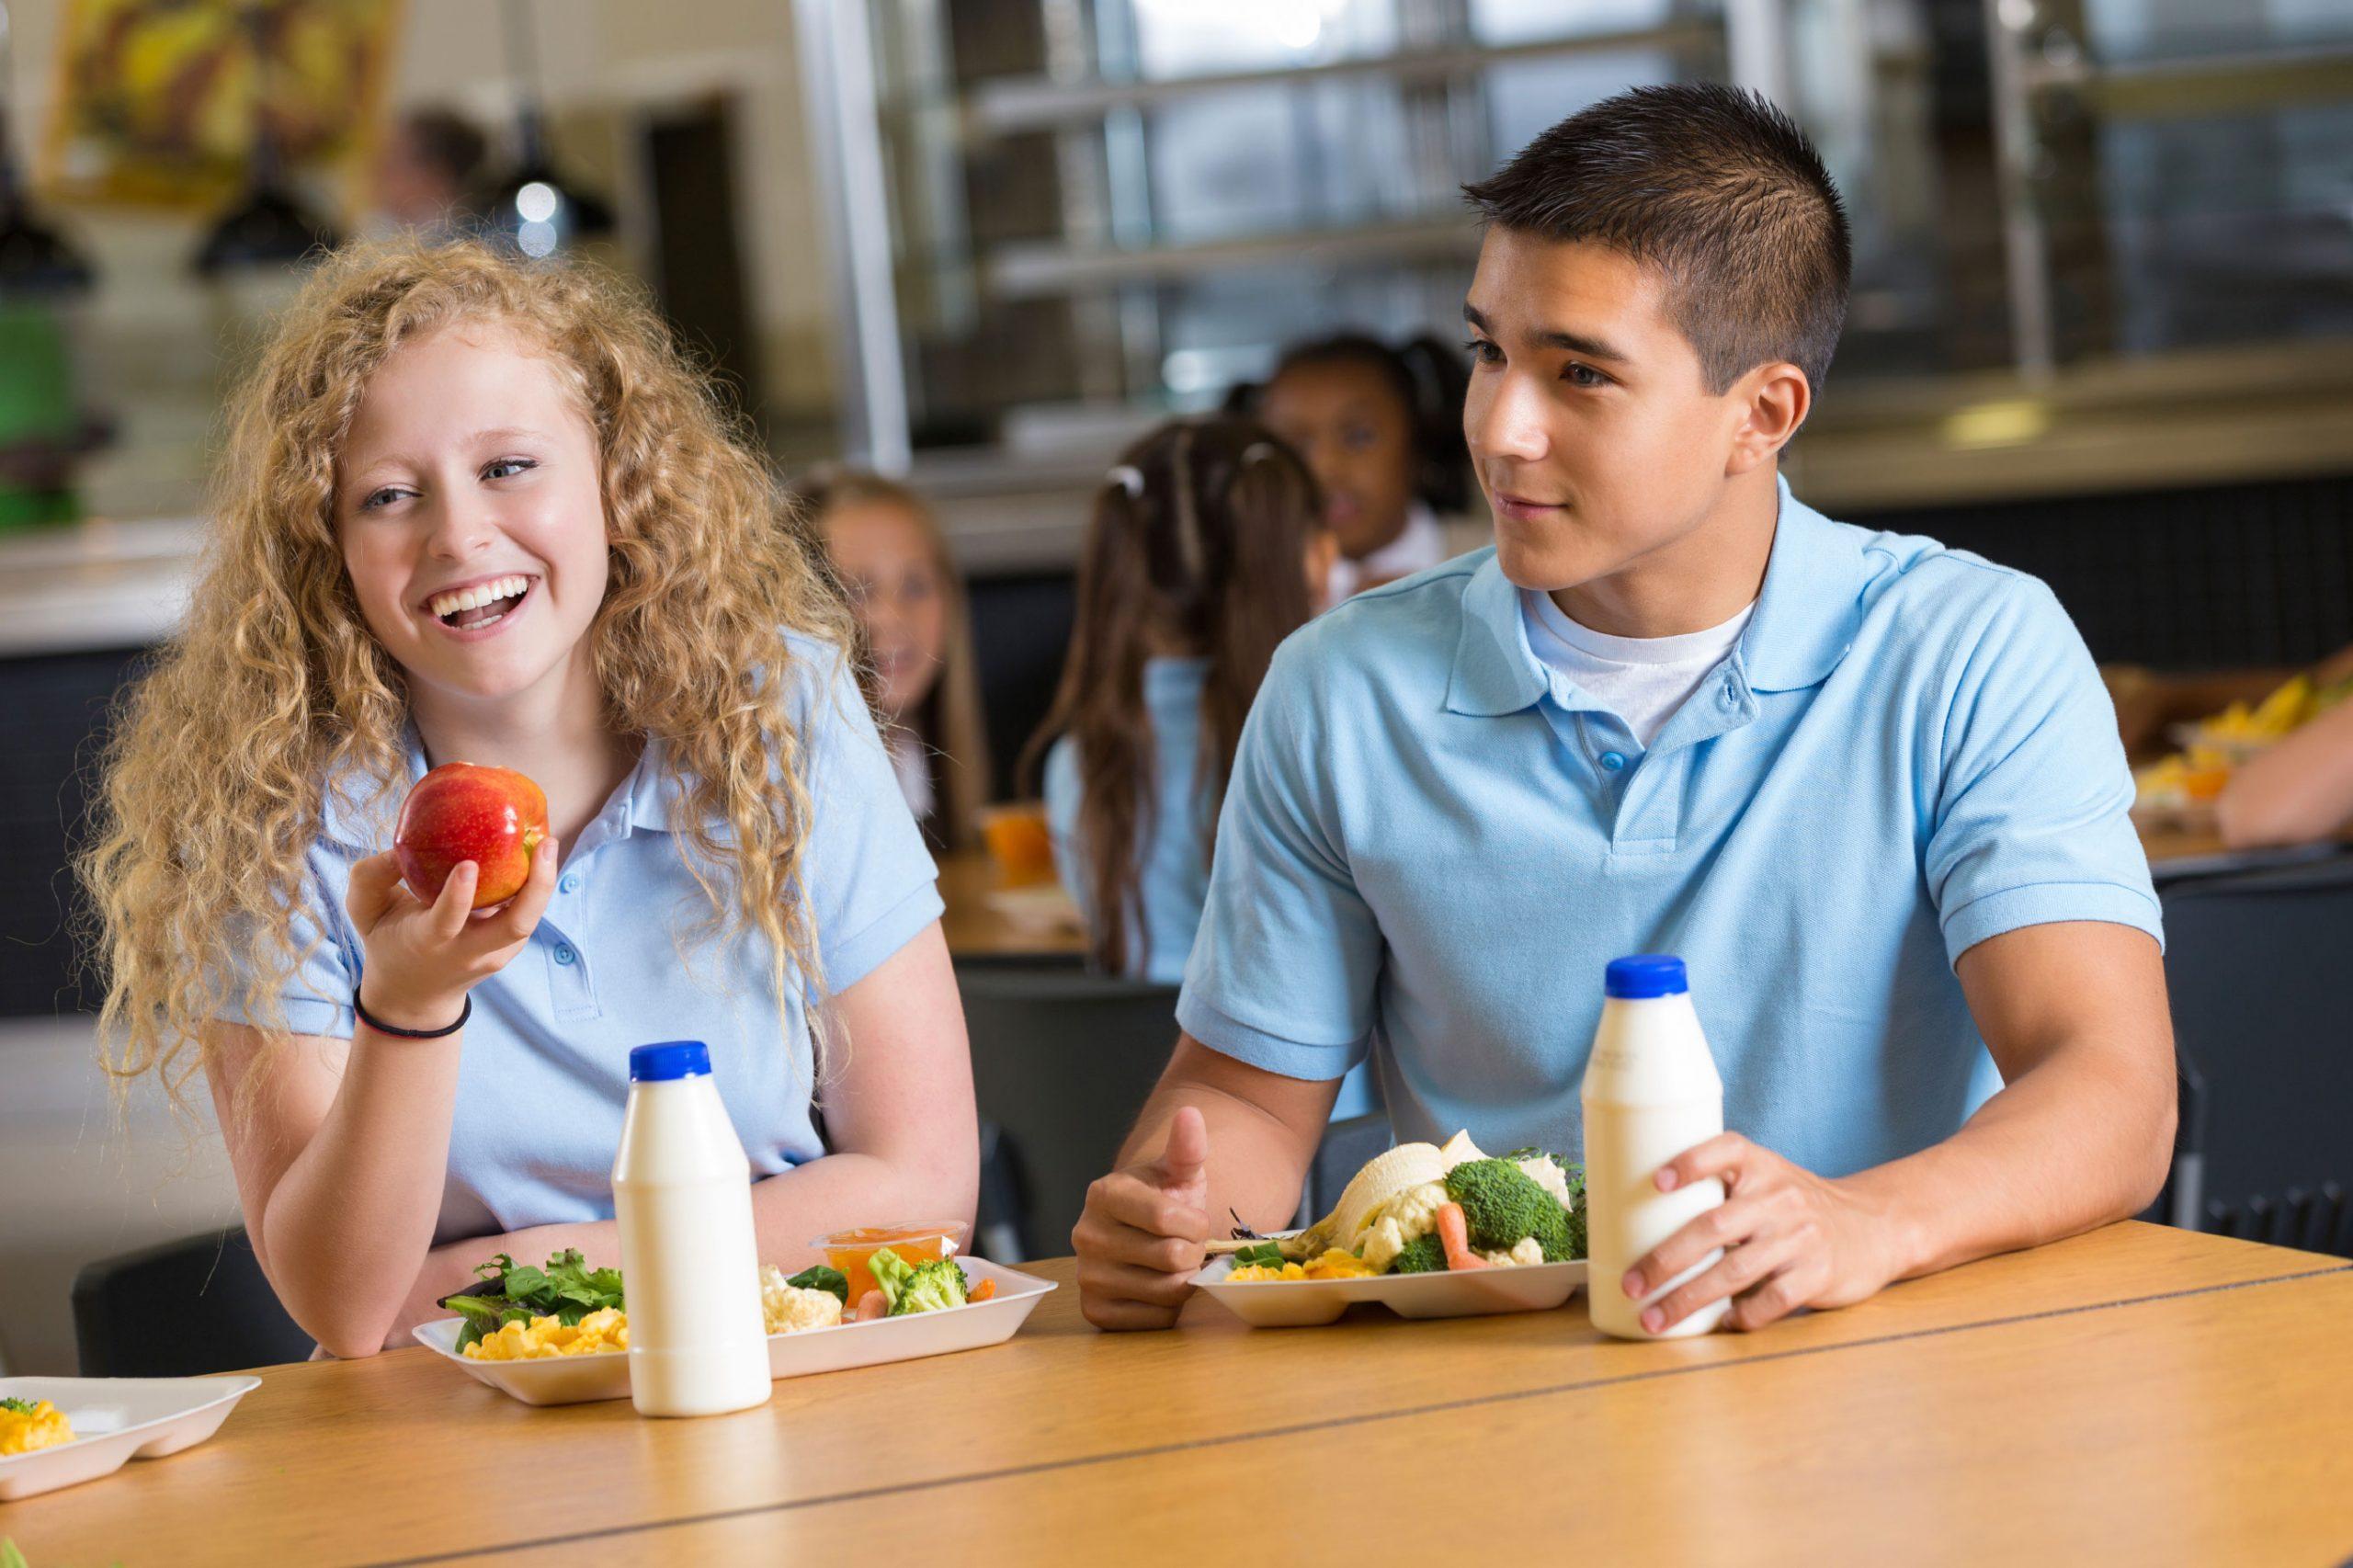 Green pass scuola: non richiesto al personale addetto alla mensa e non solo